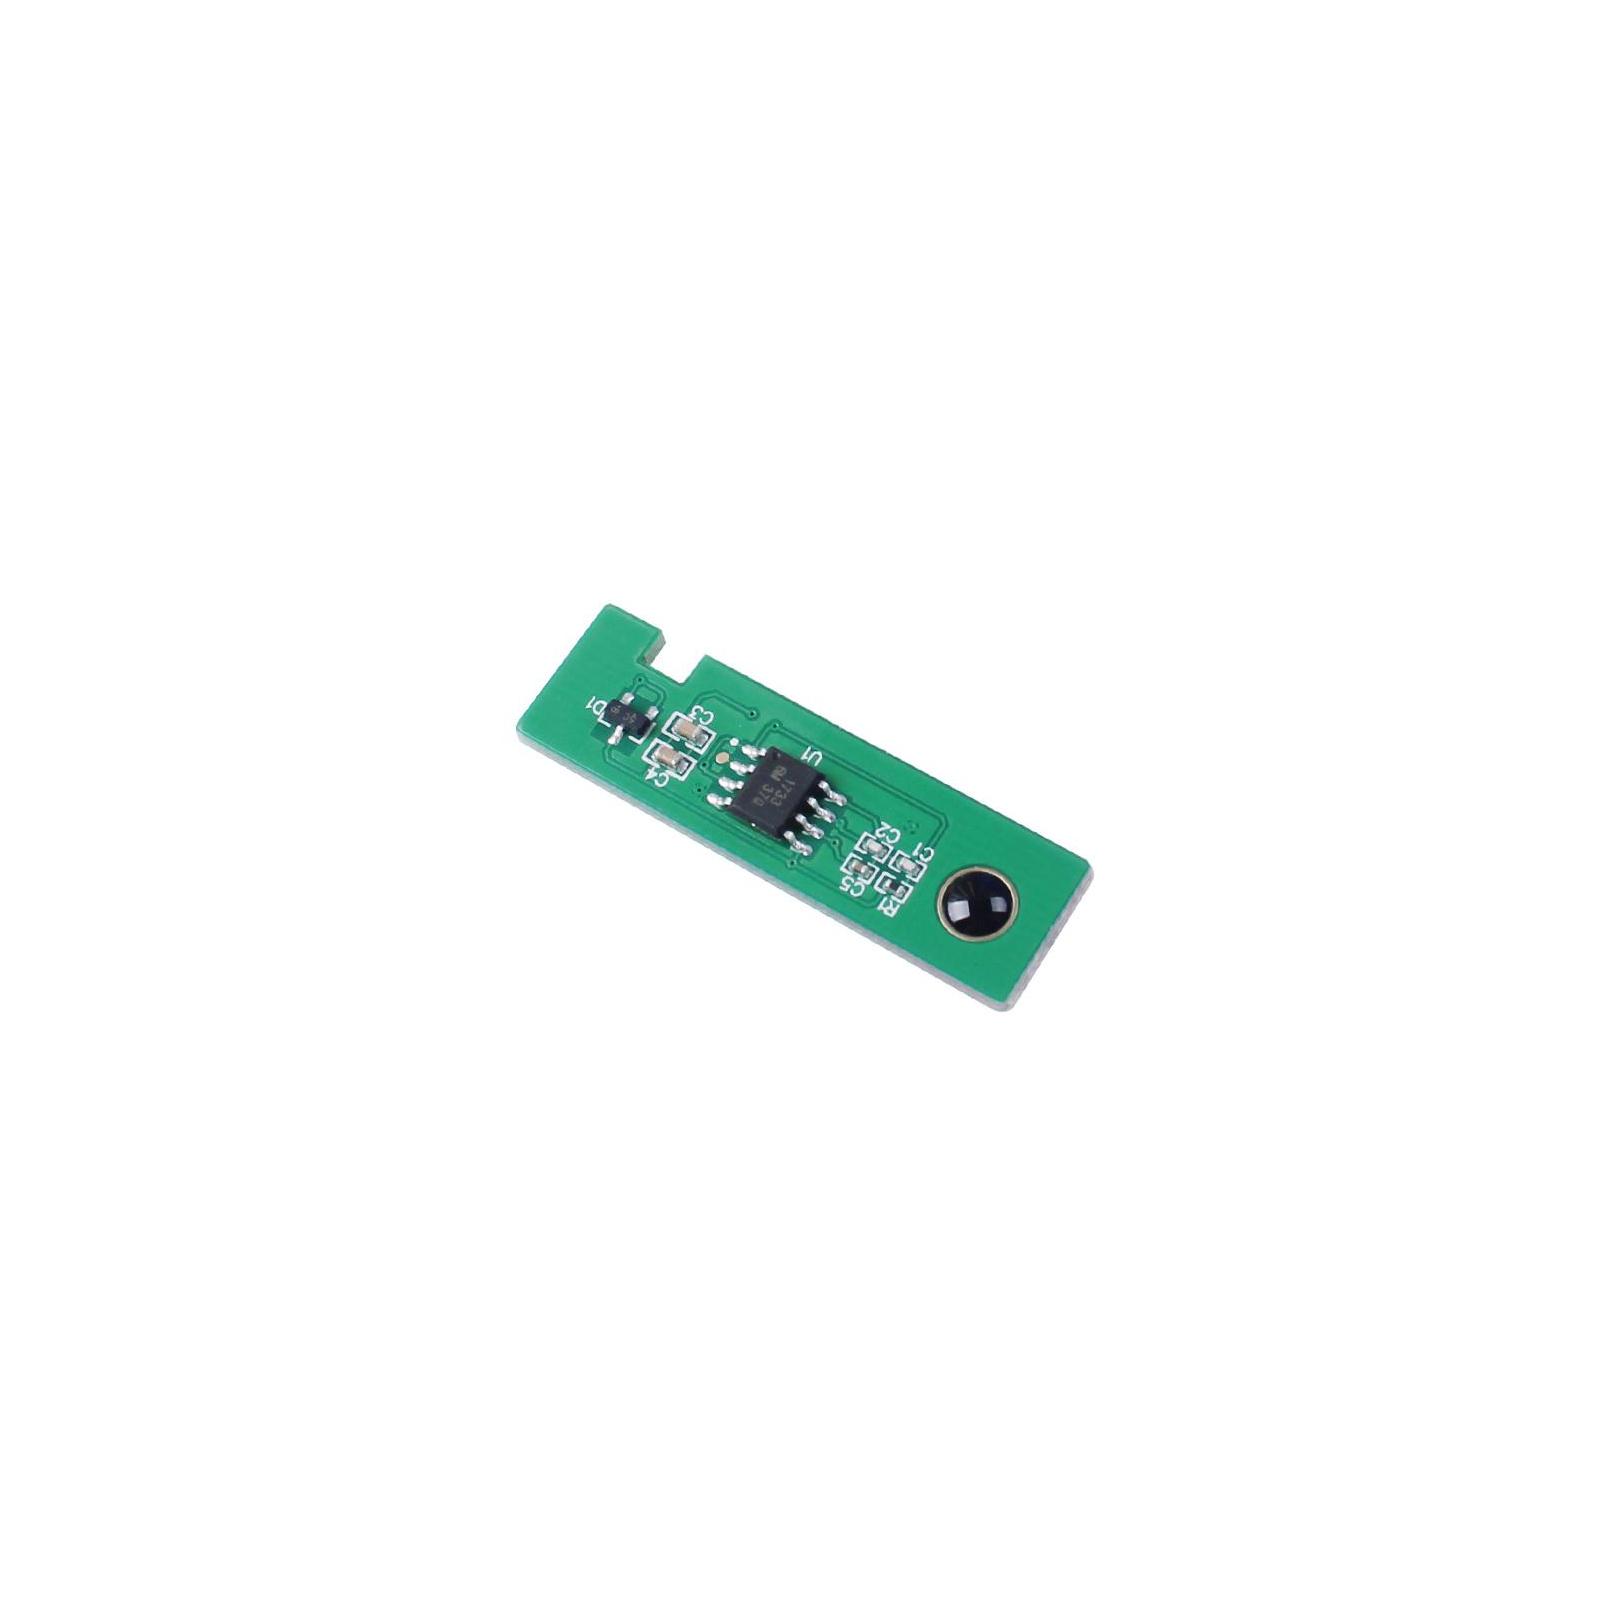 Чип для картриджа Samsung SL-C430/432/433/480/482/CLP-M404S, Magenta, 1k WELLCHIP (CSM404)